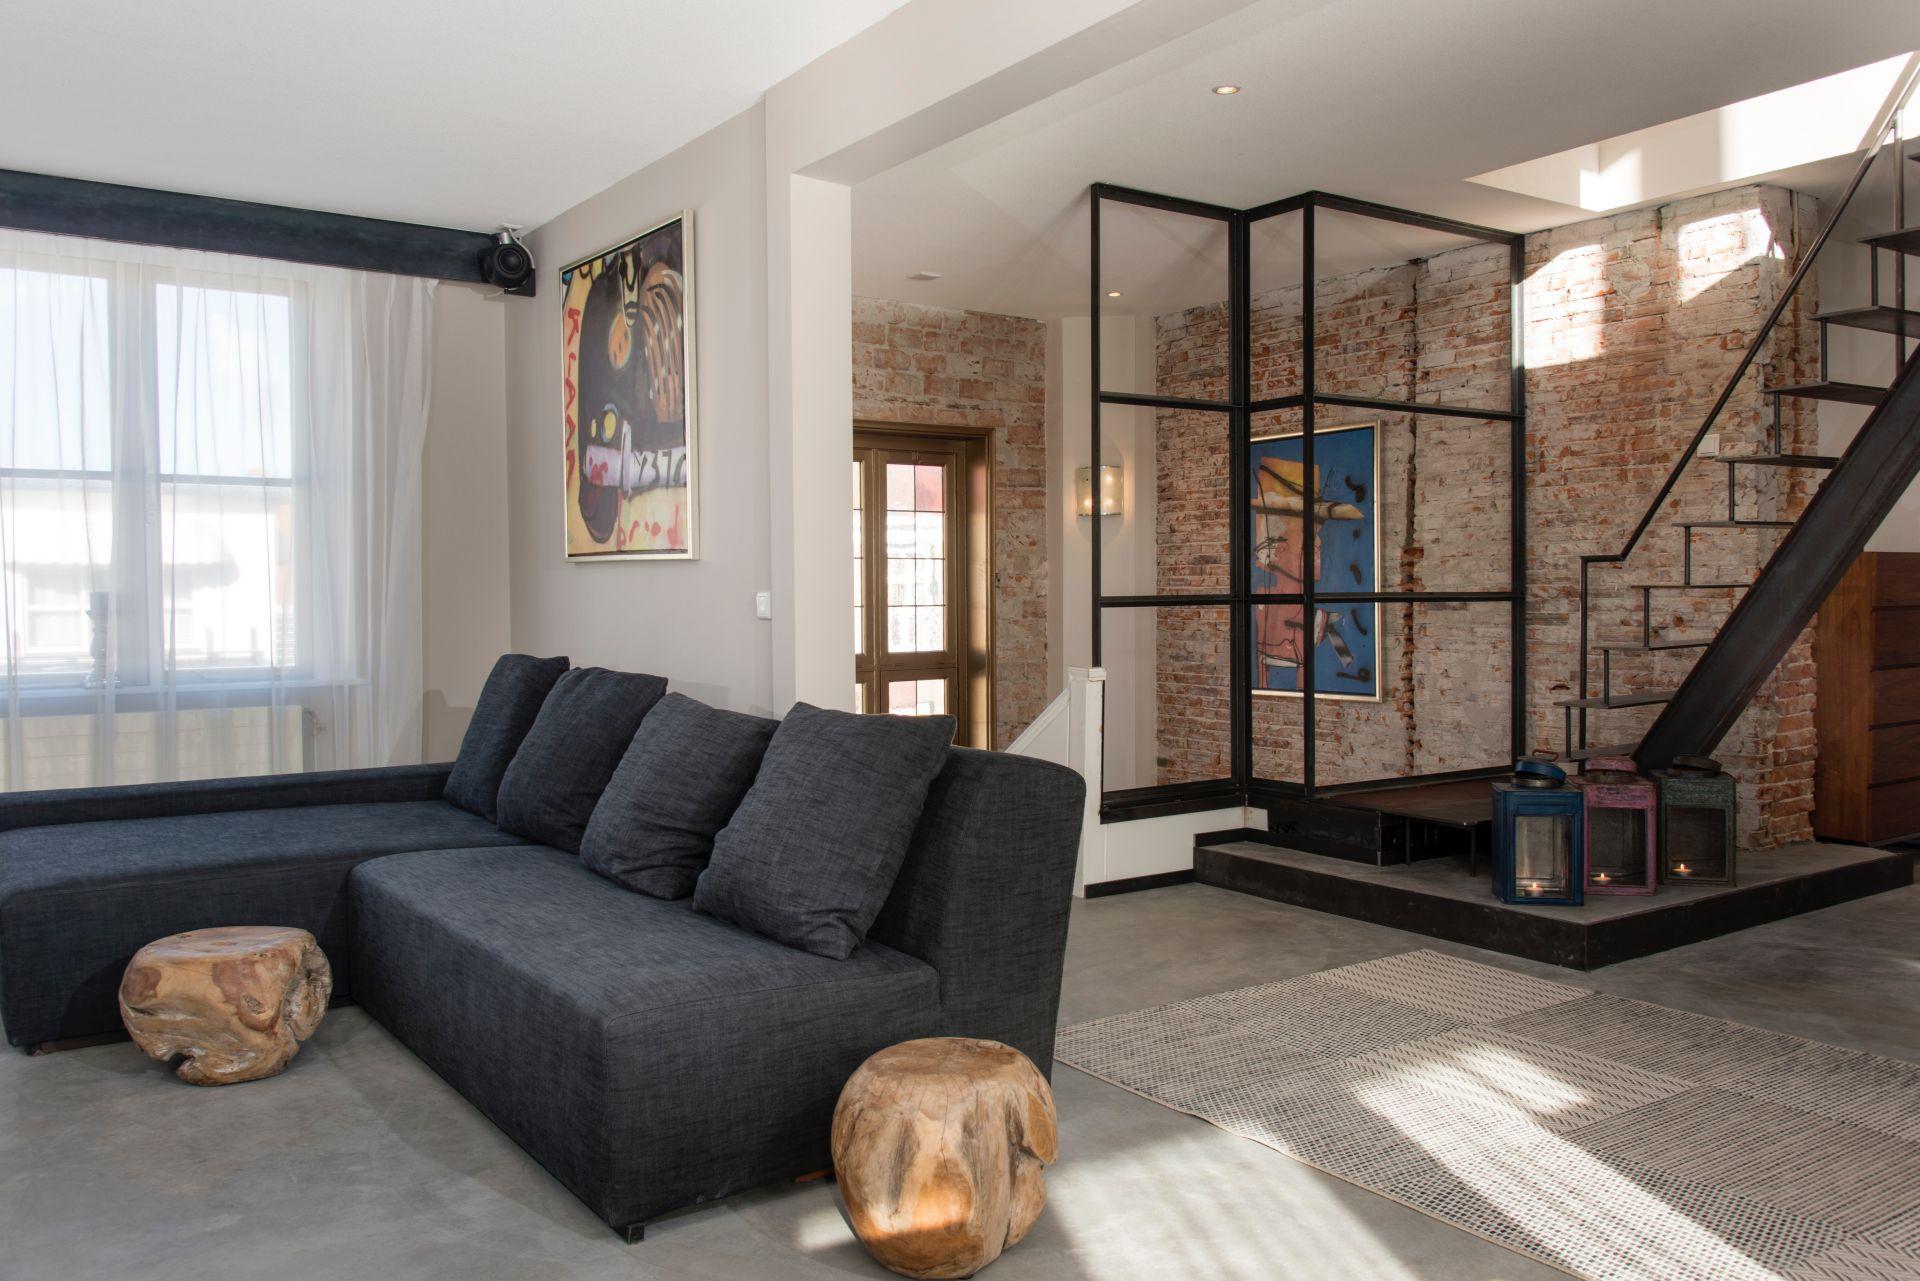 Gold Coast 4 ist eine Luxuswohnung für 6 Personen in Egmond aan Zee.